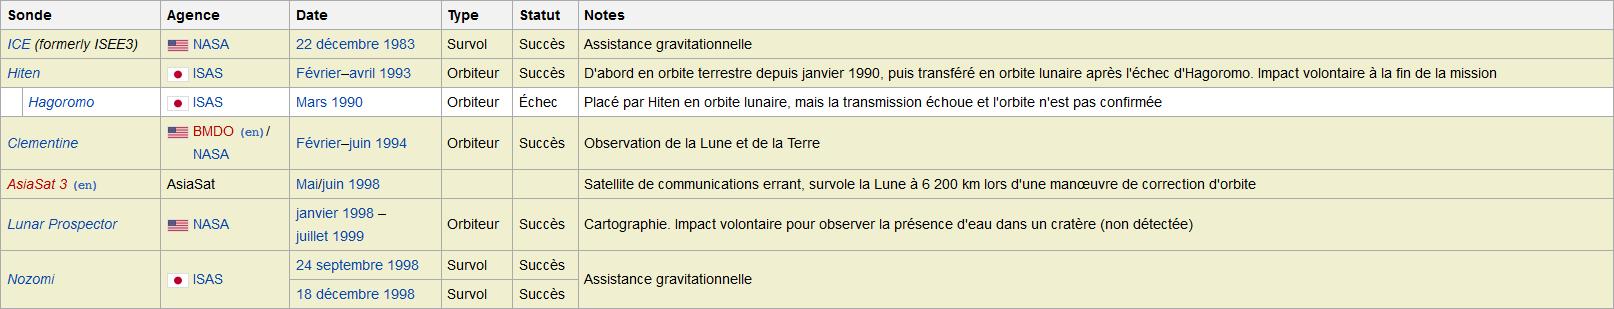 LISTE   DES   SONDES   SPATIALES   -   MEMO   -   ASTRONOMIE   -   HydroLAB Captur35